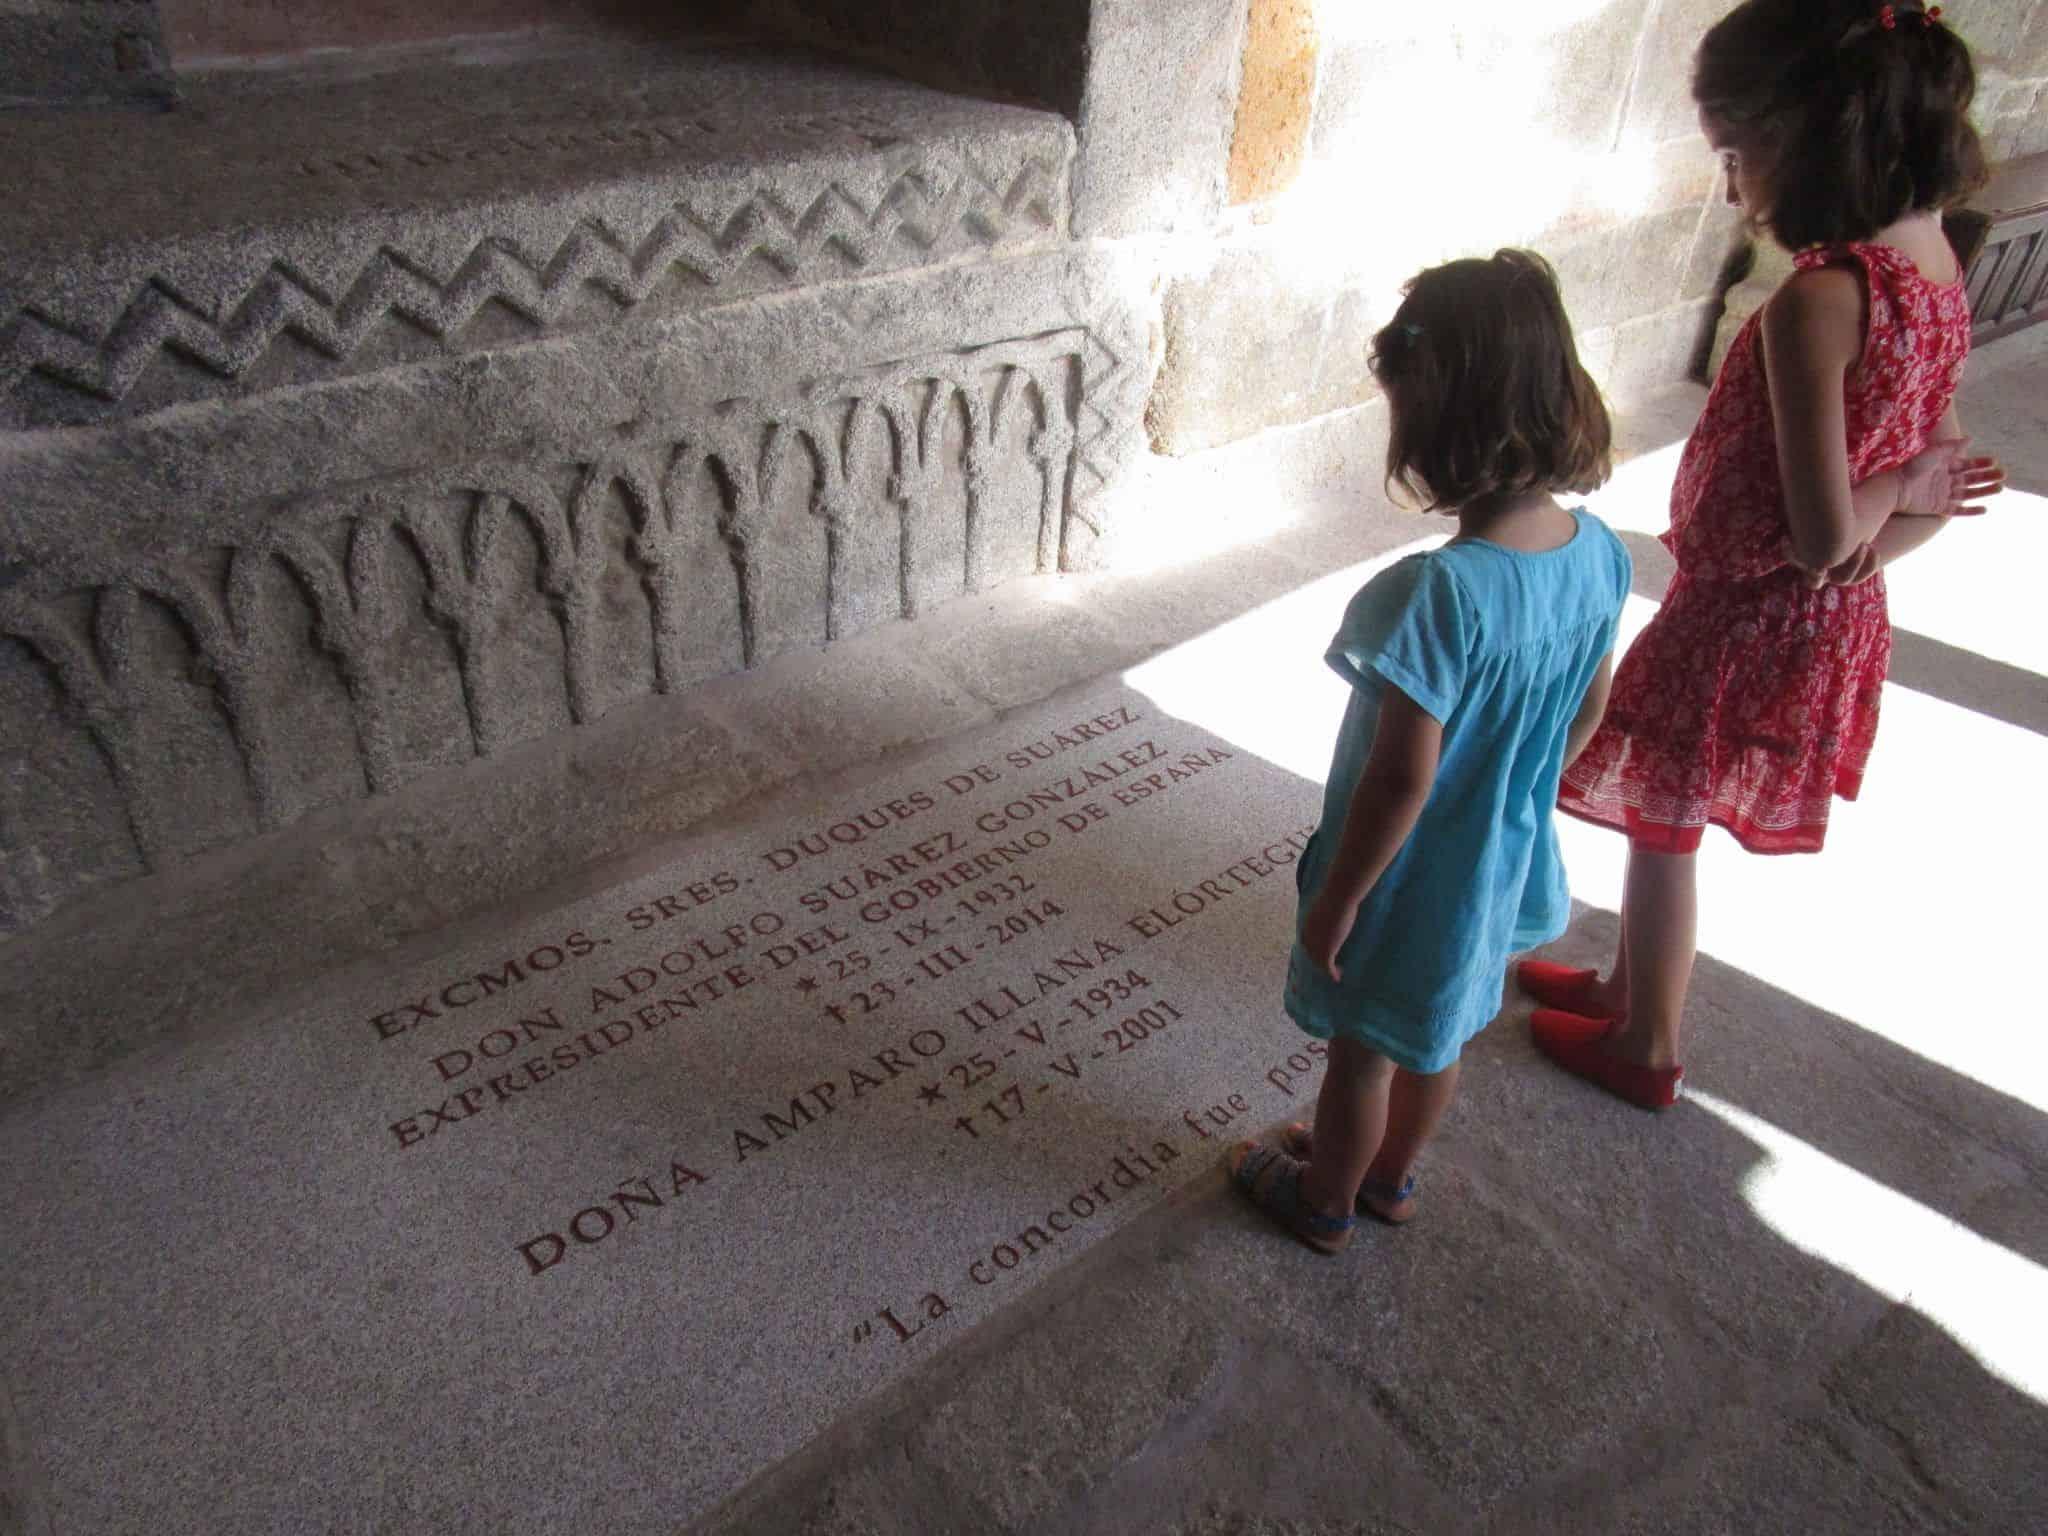 Imagen de la tumba de Adolfo Suárez en la catedral de Ávila